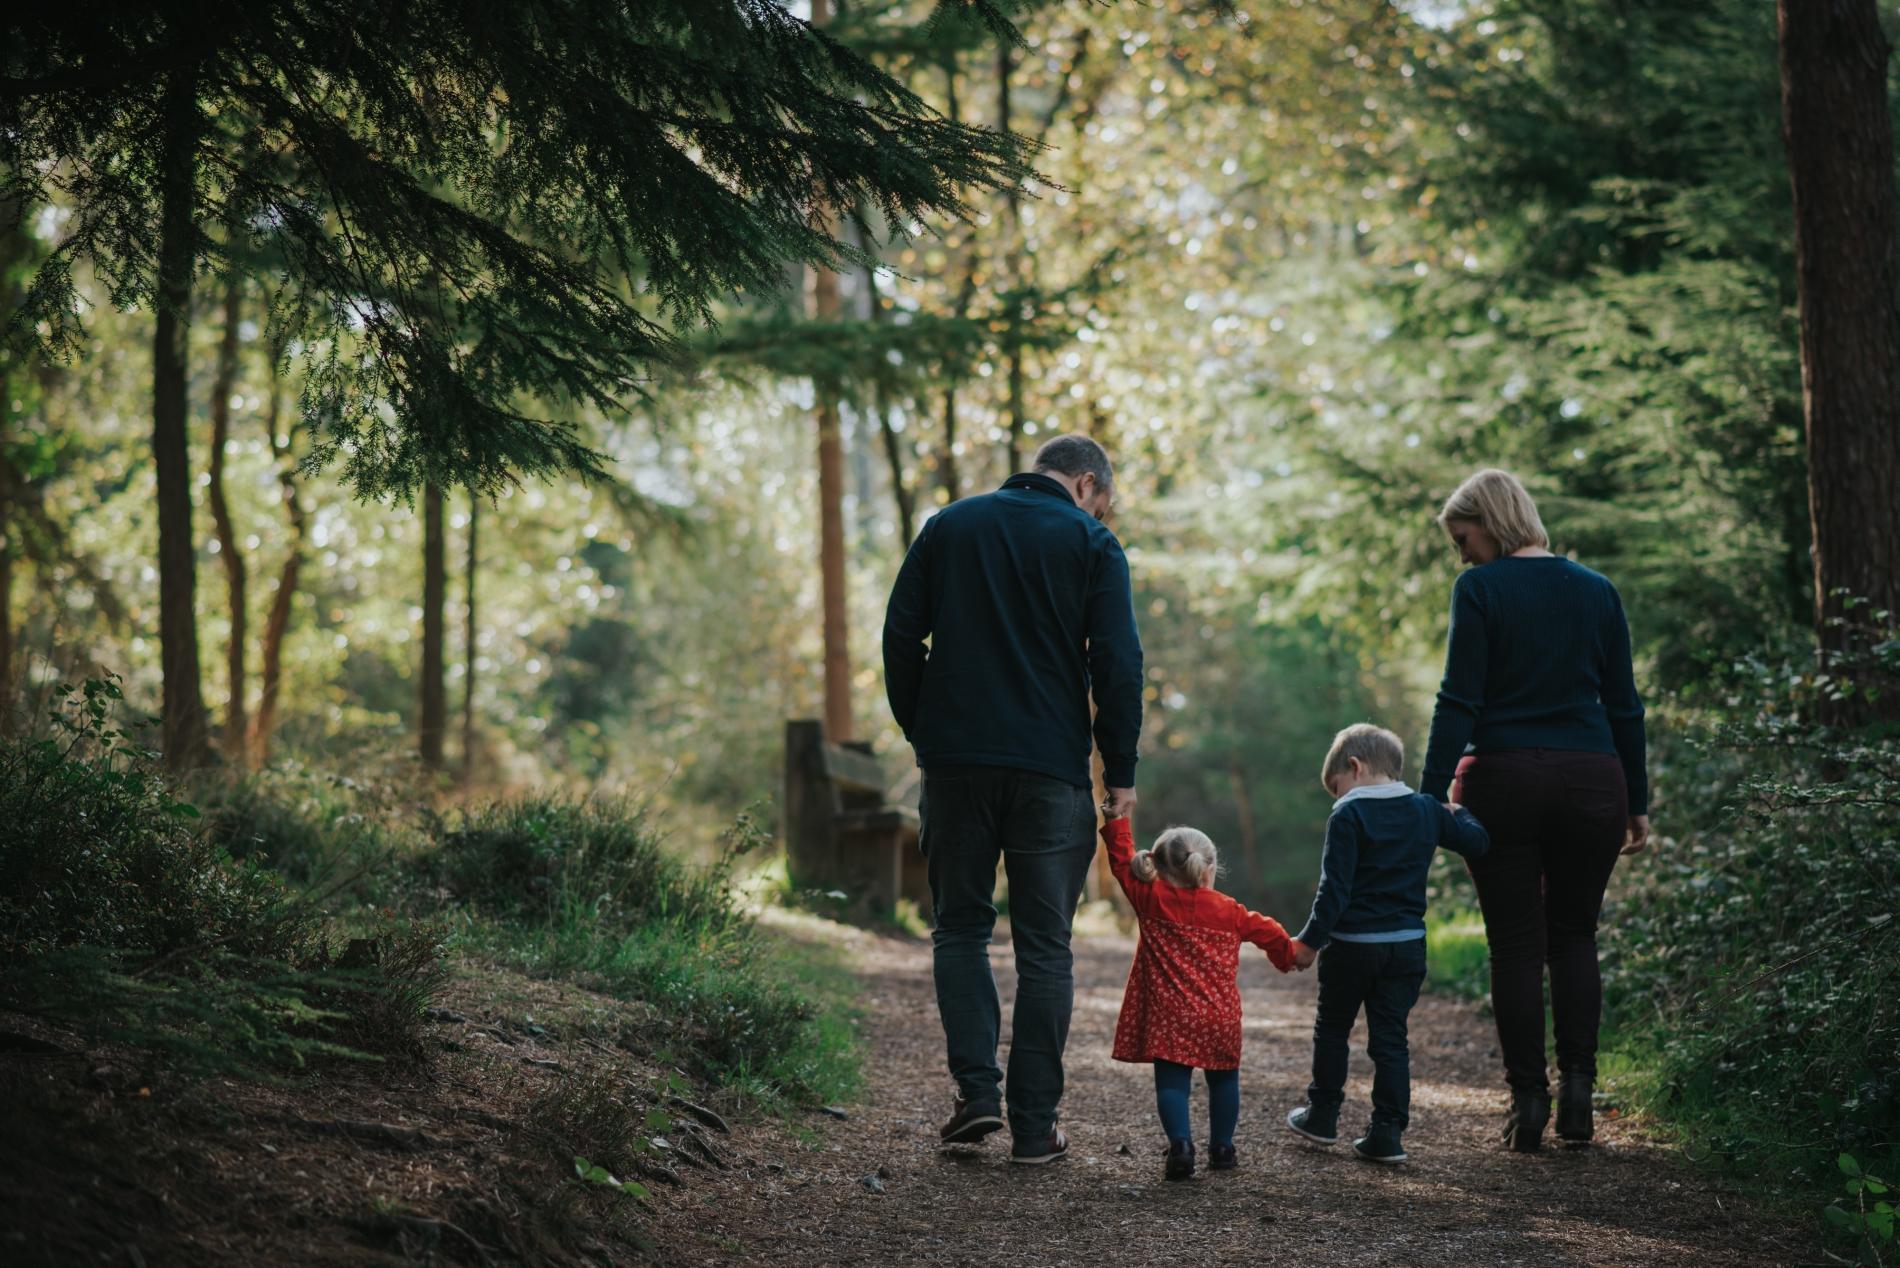 devon wedding photographer destination weddingdevon family photographer natural